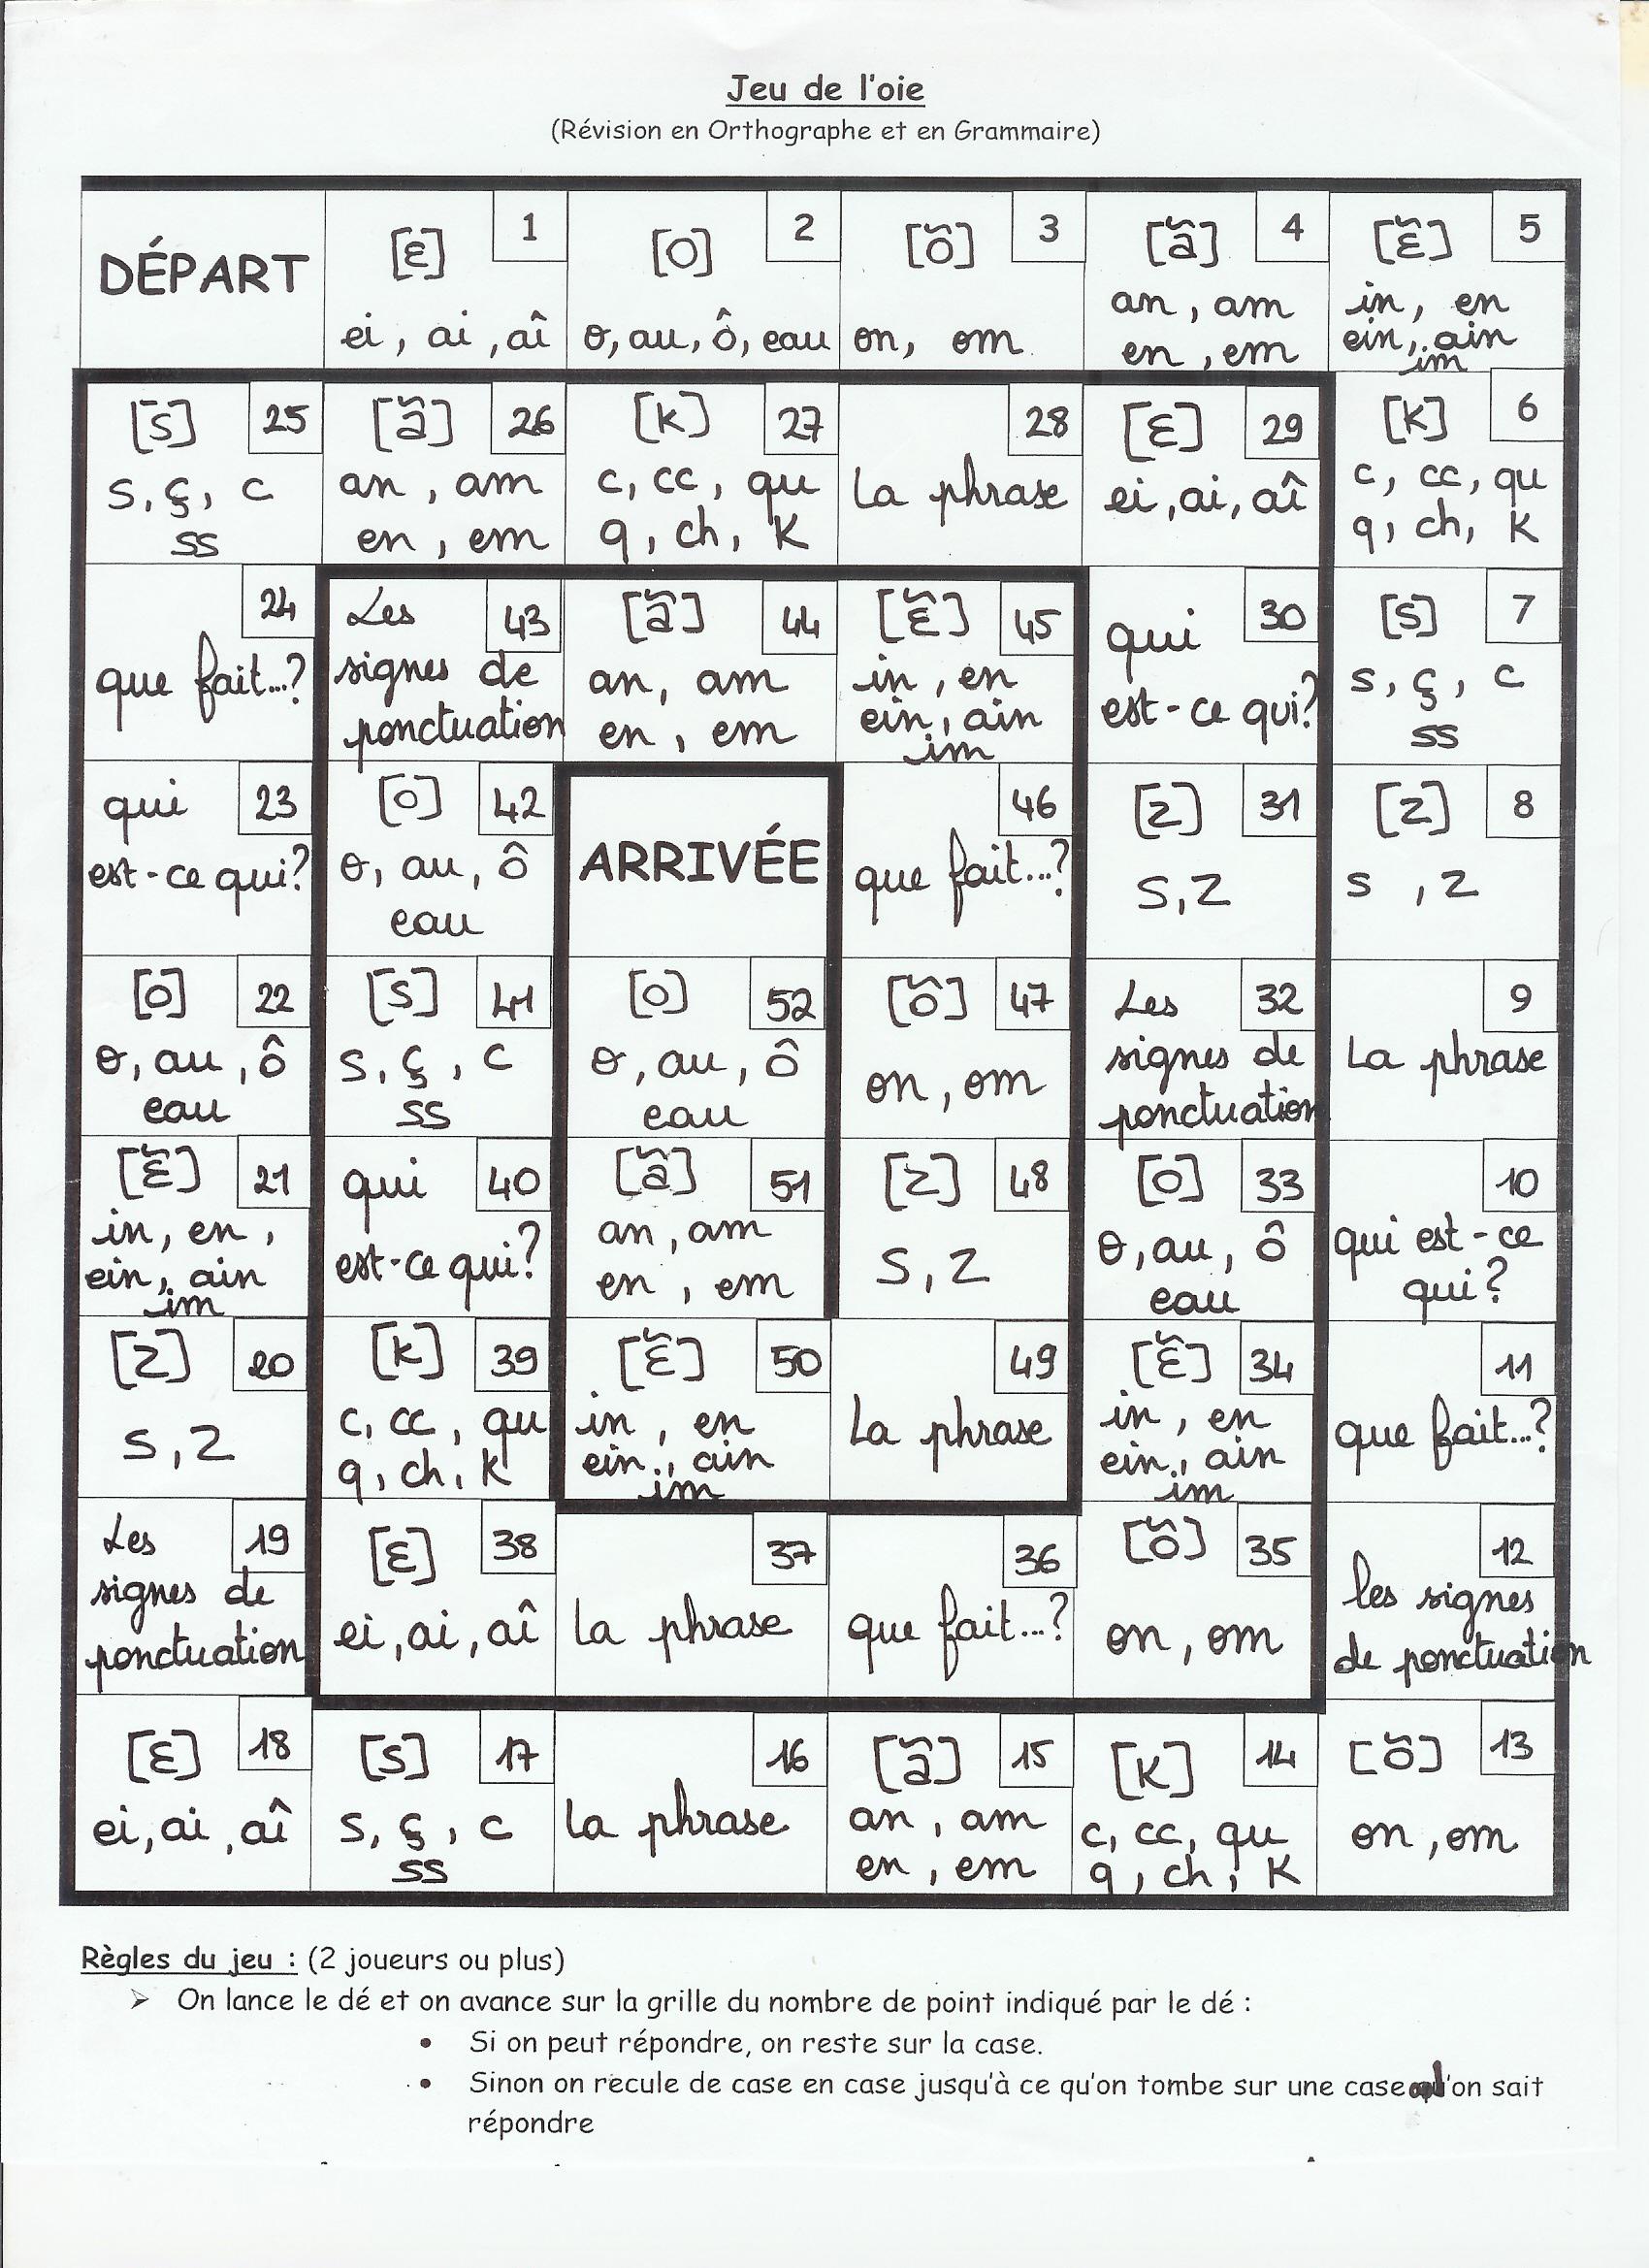 Jeu De L'oie En Orthographe Et Grammaire (Ce1 8 Ans destiné Jeu De L Oie A Imprimer